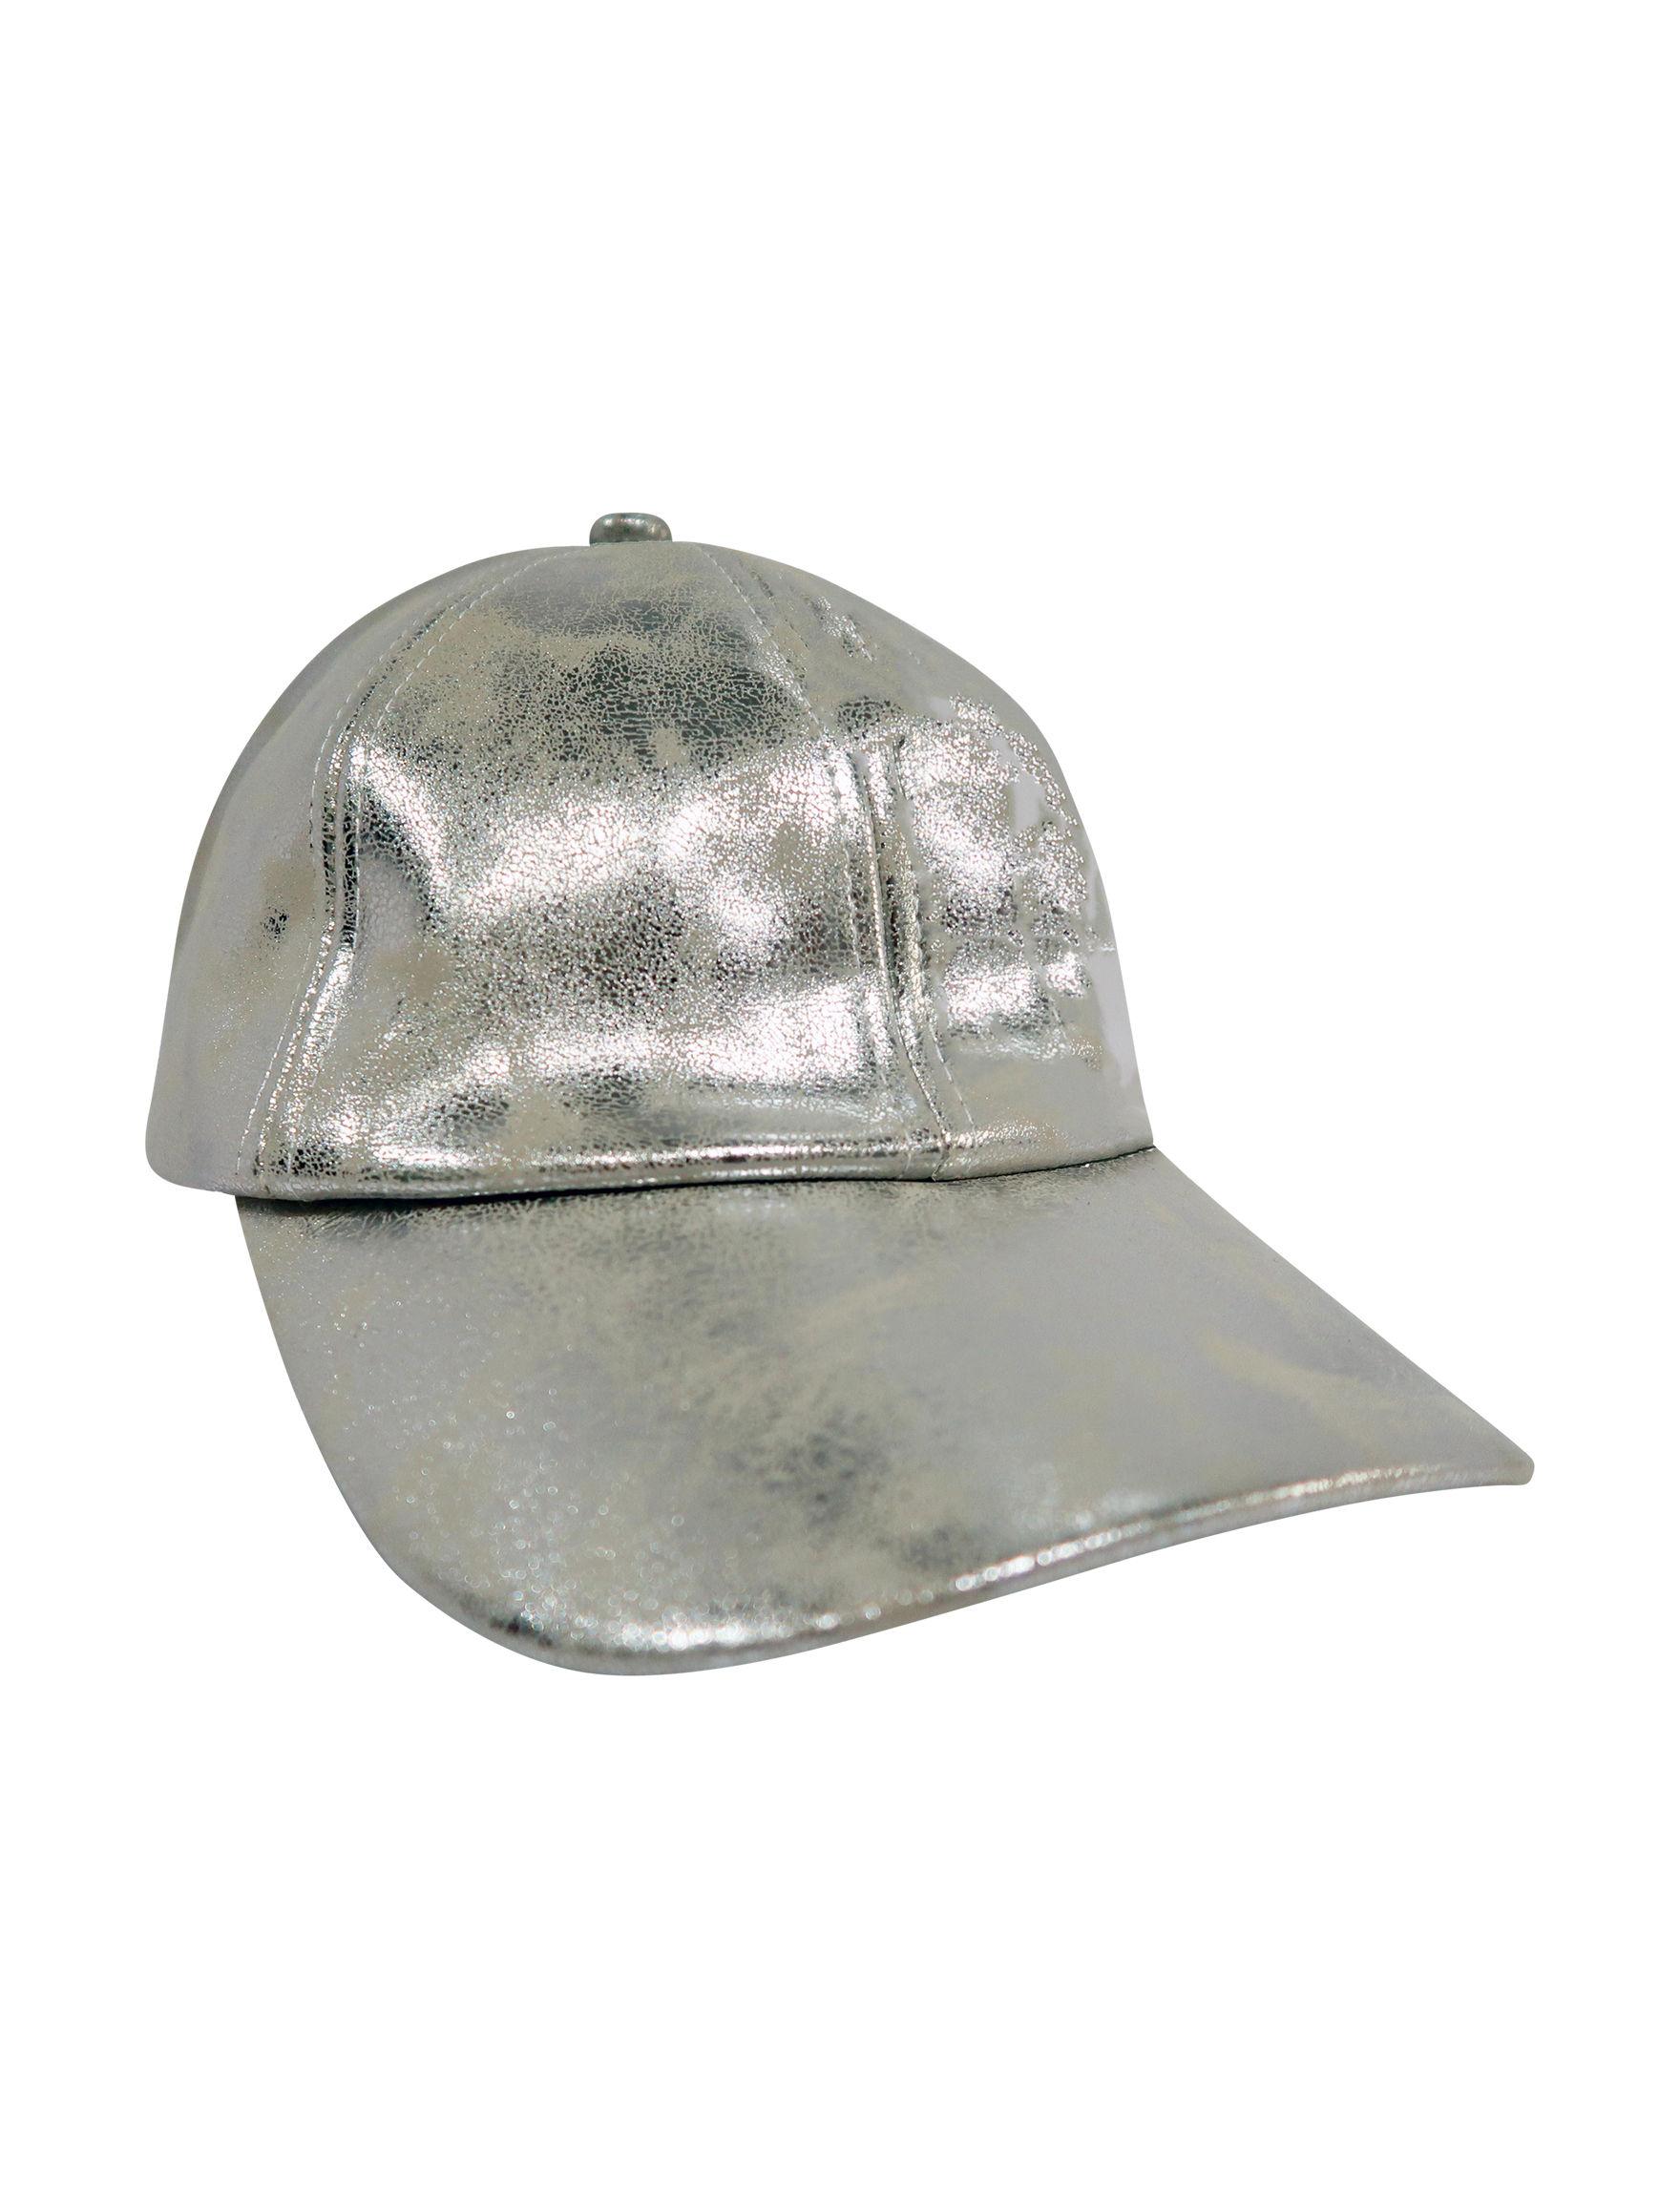 Marcus Adler Silver Hats & Headwear